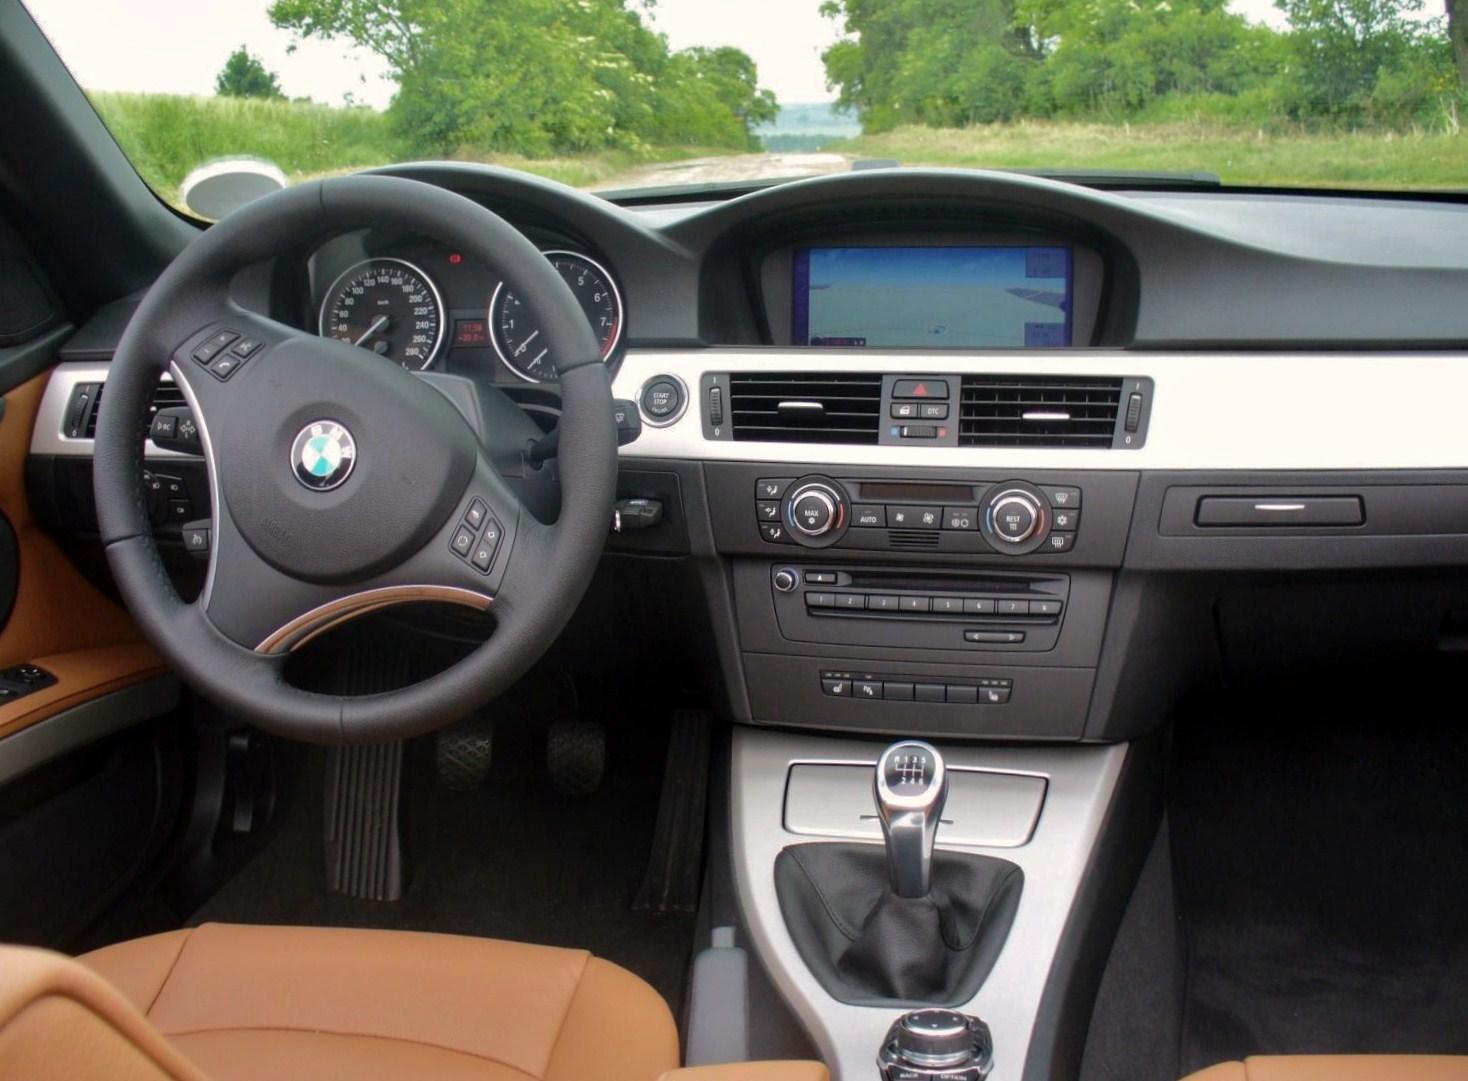 Verrassend Datei:BMW E93 325i Saphirschwarz offen Interieur.JPG – Wikipedia ZW-46